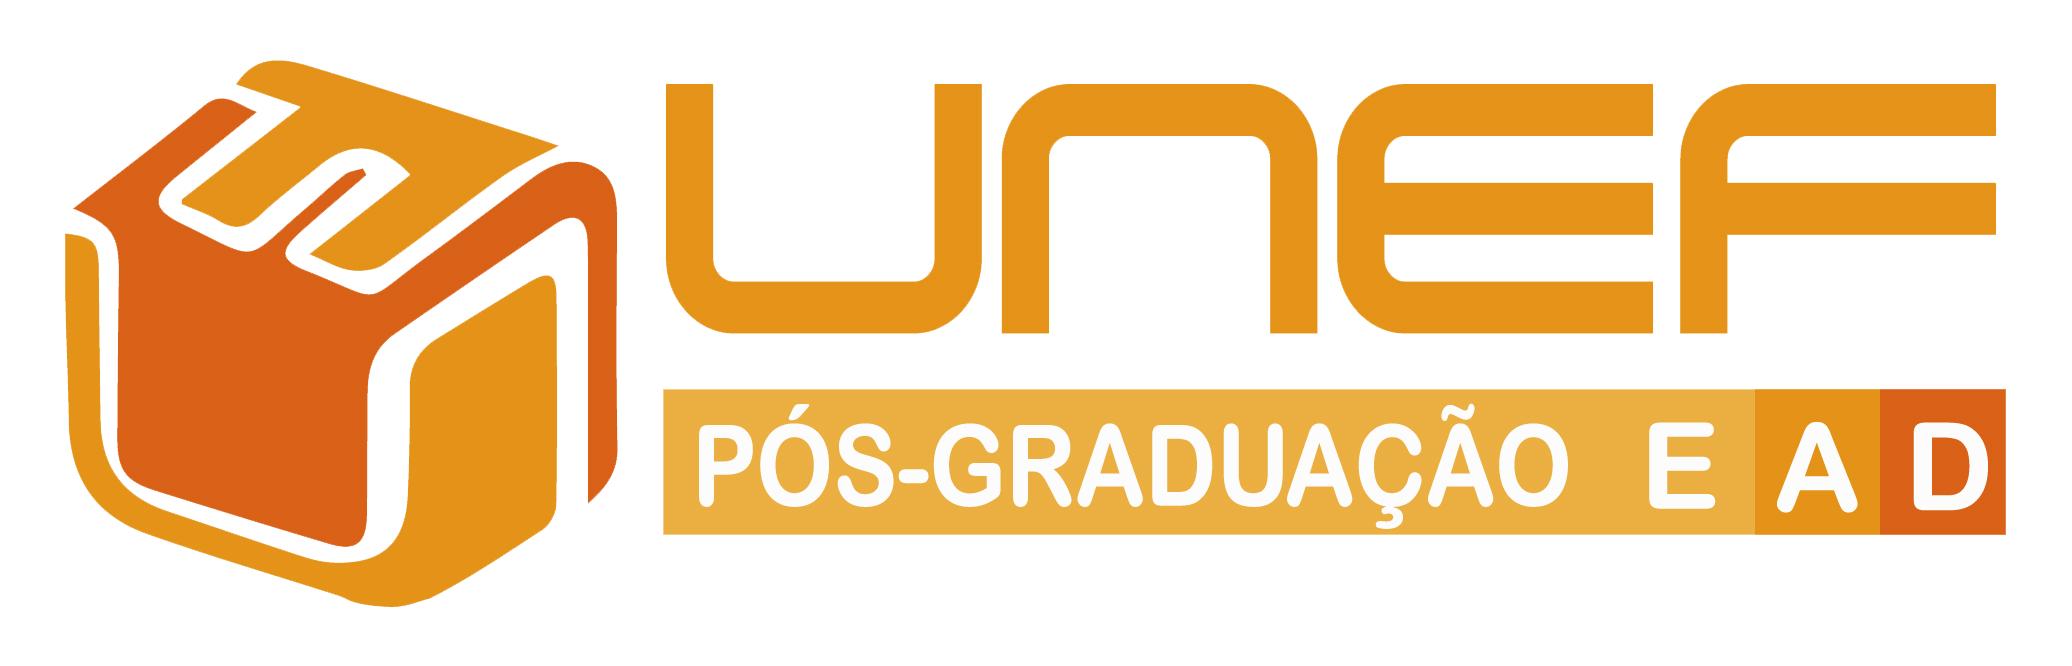 Pós-Graduação UNEF